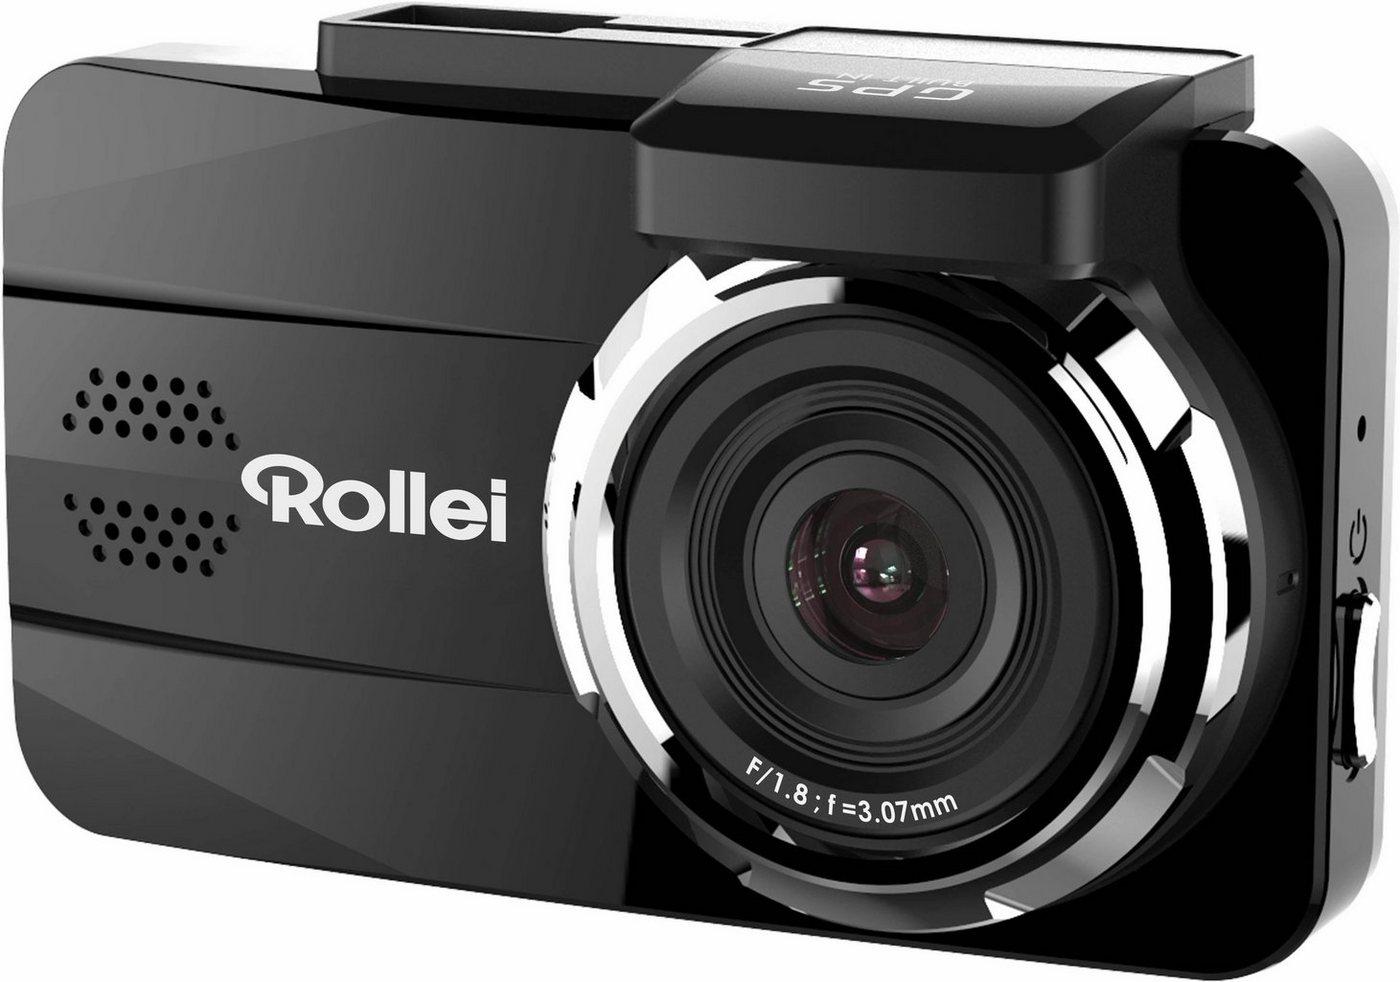 Camcorder - Rollei »CarDVD 308« Camcorder (Full HD, Unterstützt Zeit, Datumsanzeige im Video)  - Onlineshop OTTO